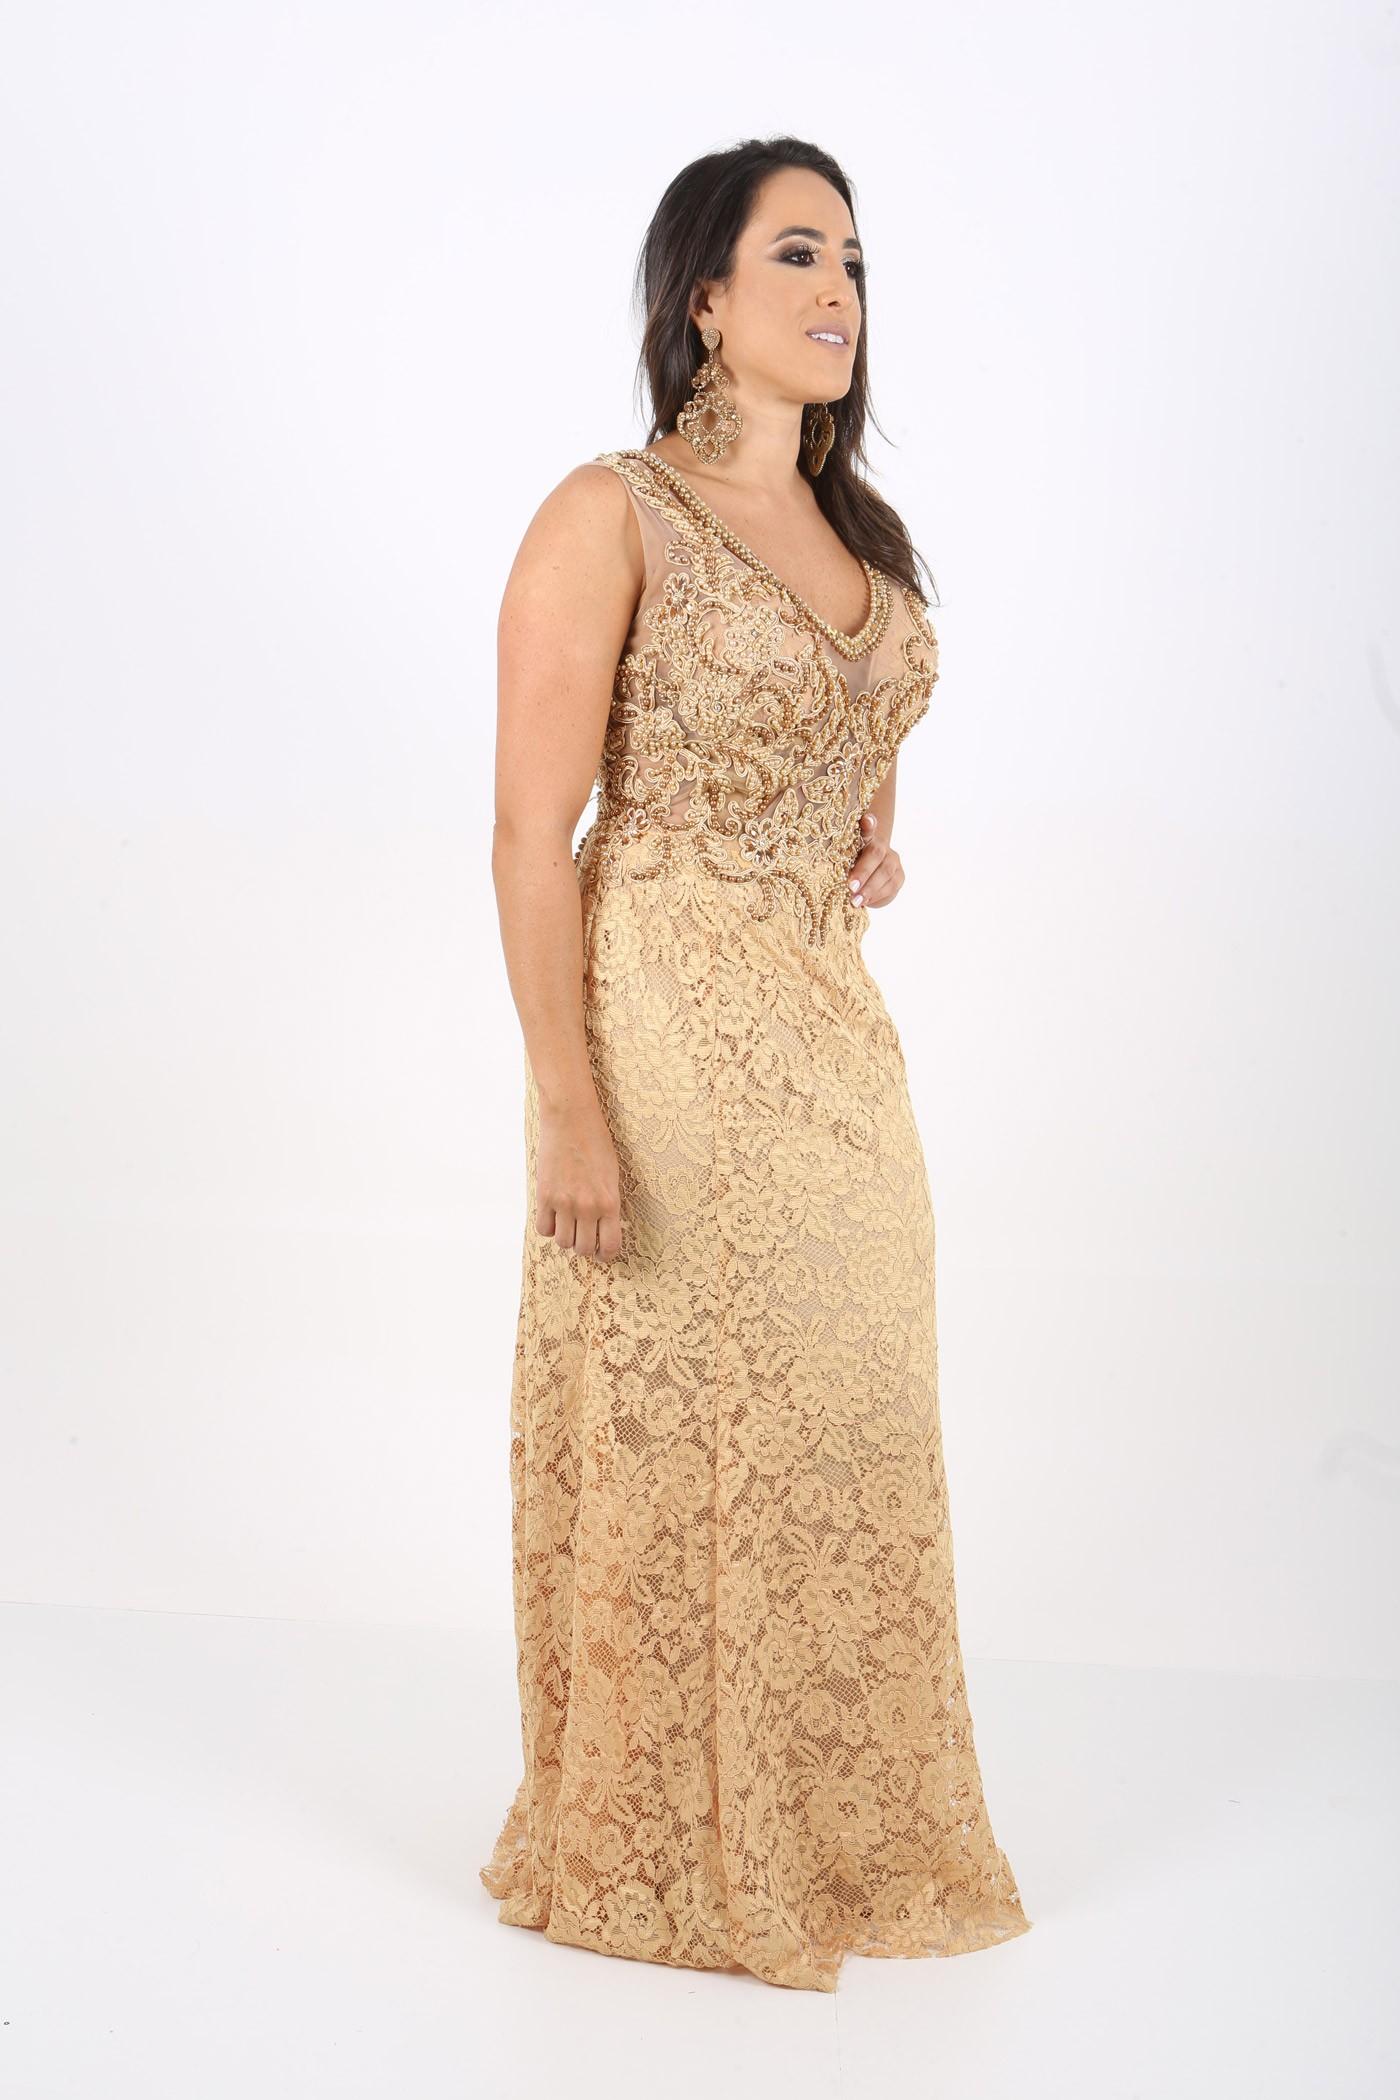 e885e0407 Vestido Perolas Dourado - Longos - Vestidos Novos e Semi-novos